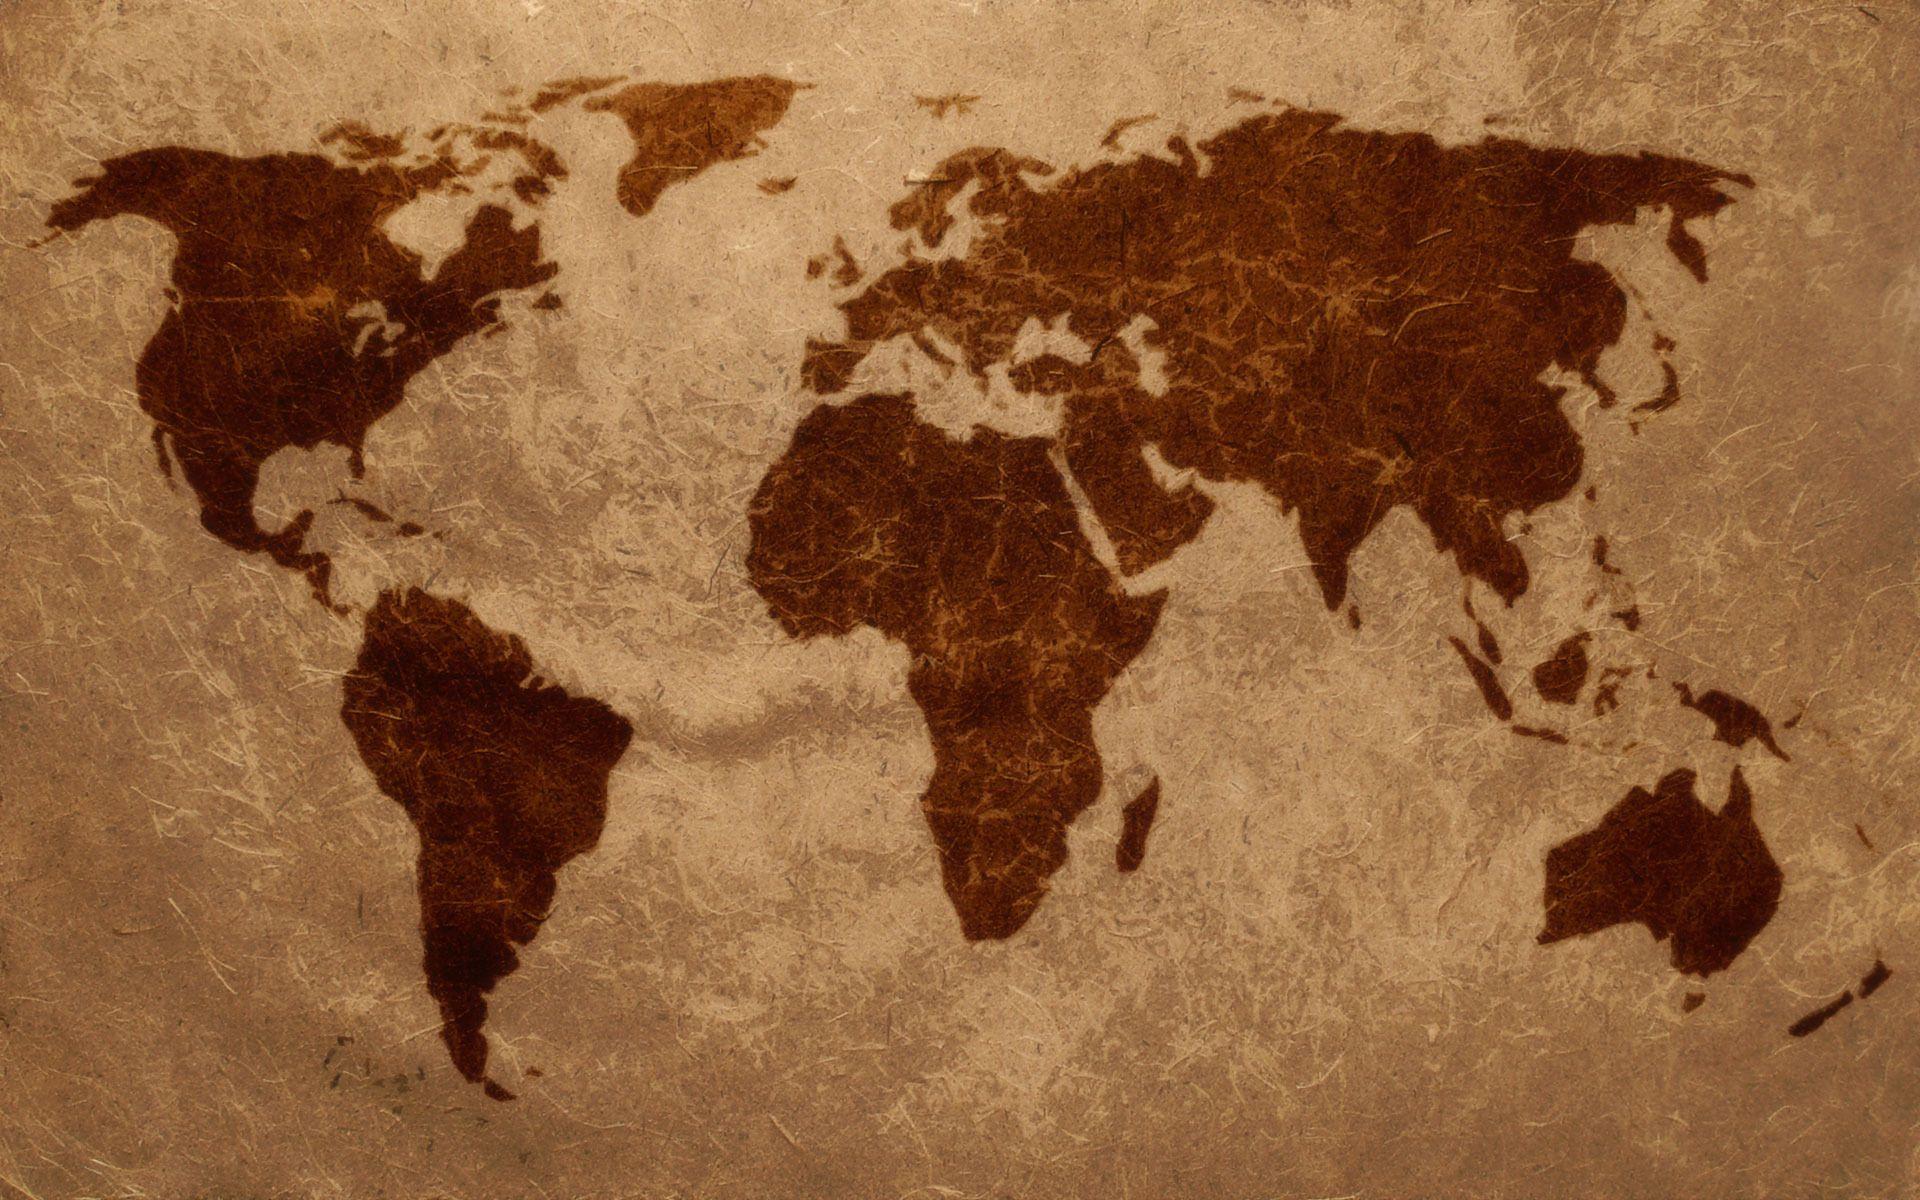 World map wallpaper 5790 home decor pinterest wallpaper world map wallpaper 5790 gumiabroncs Image collections